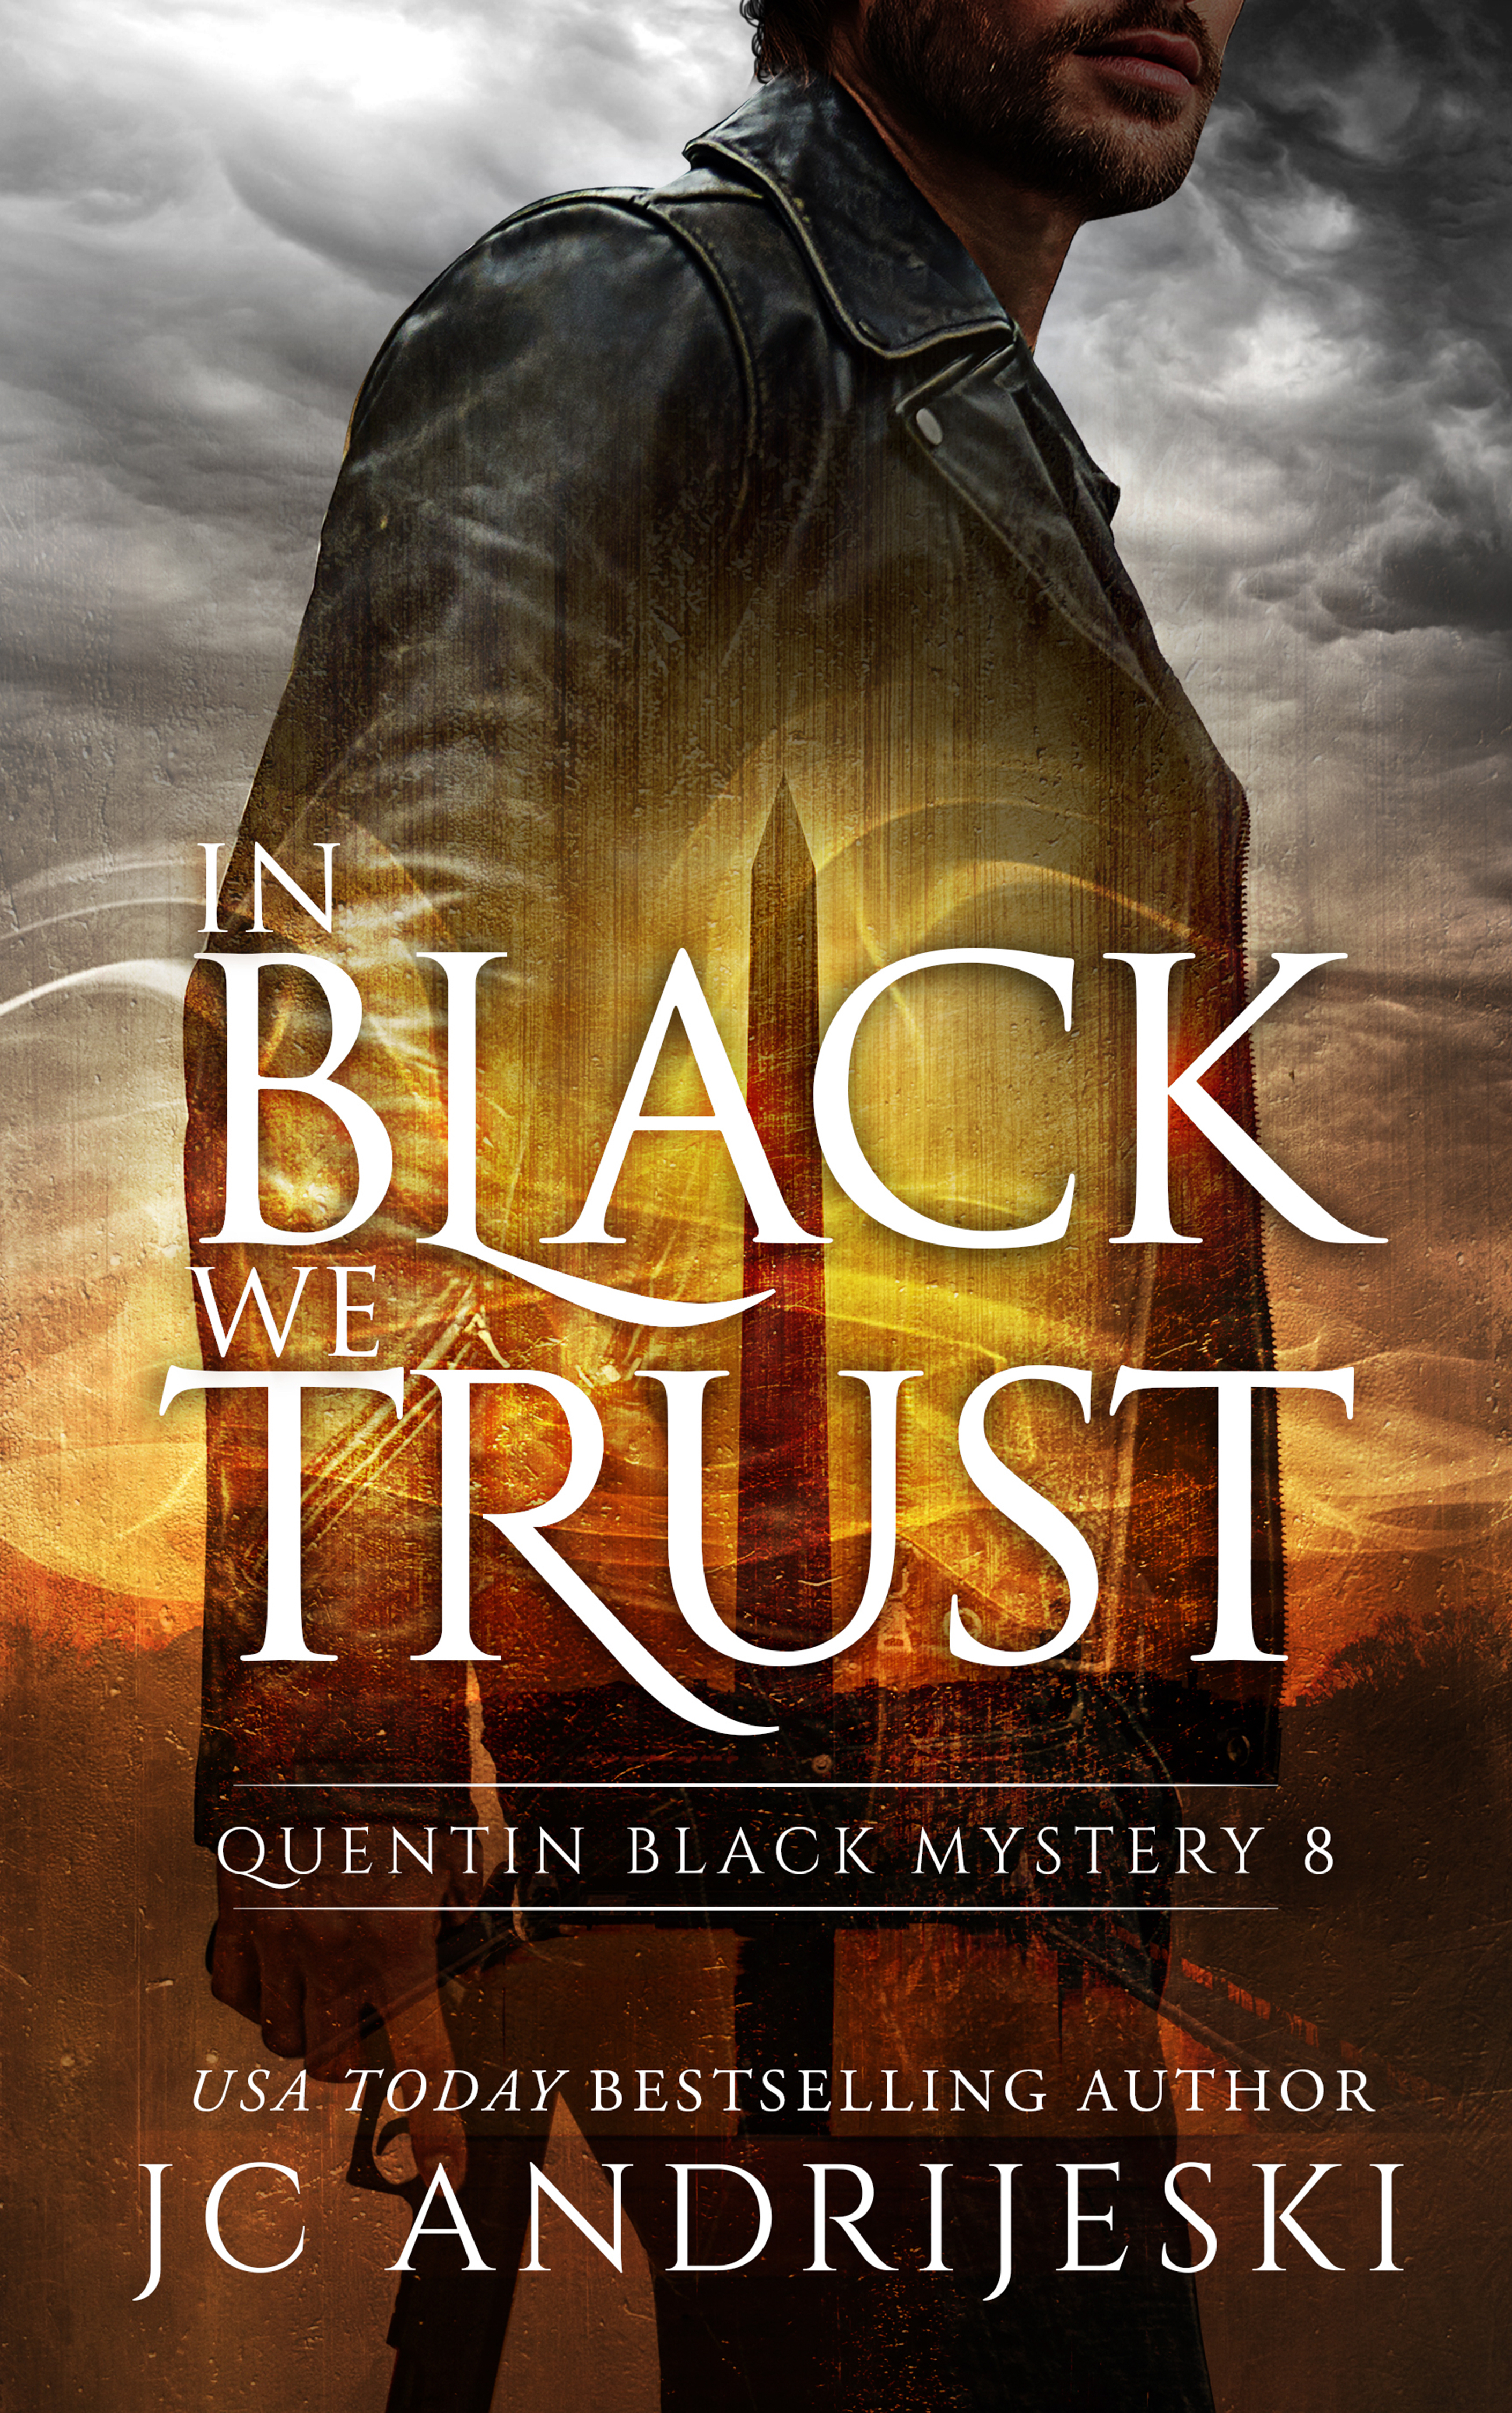 IN BLACK WE TRUST